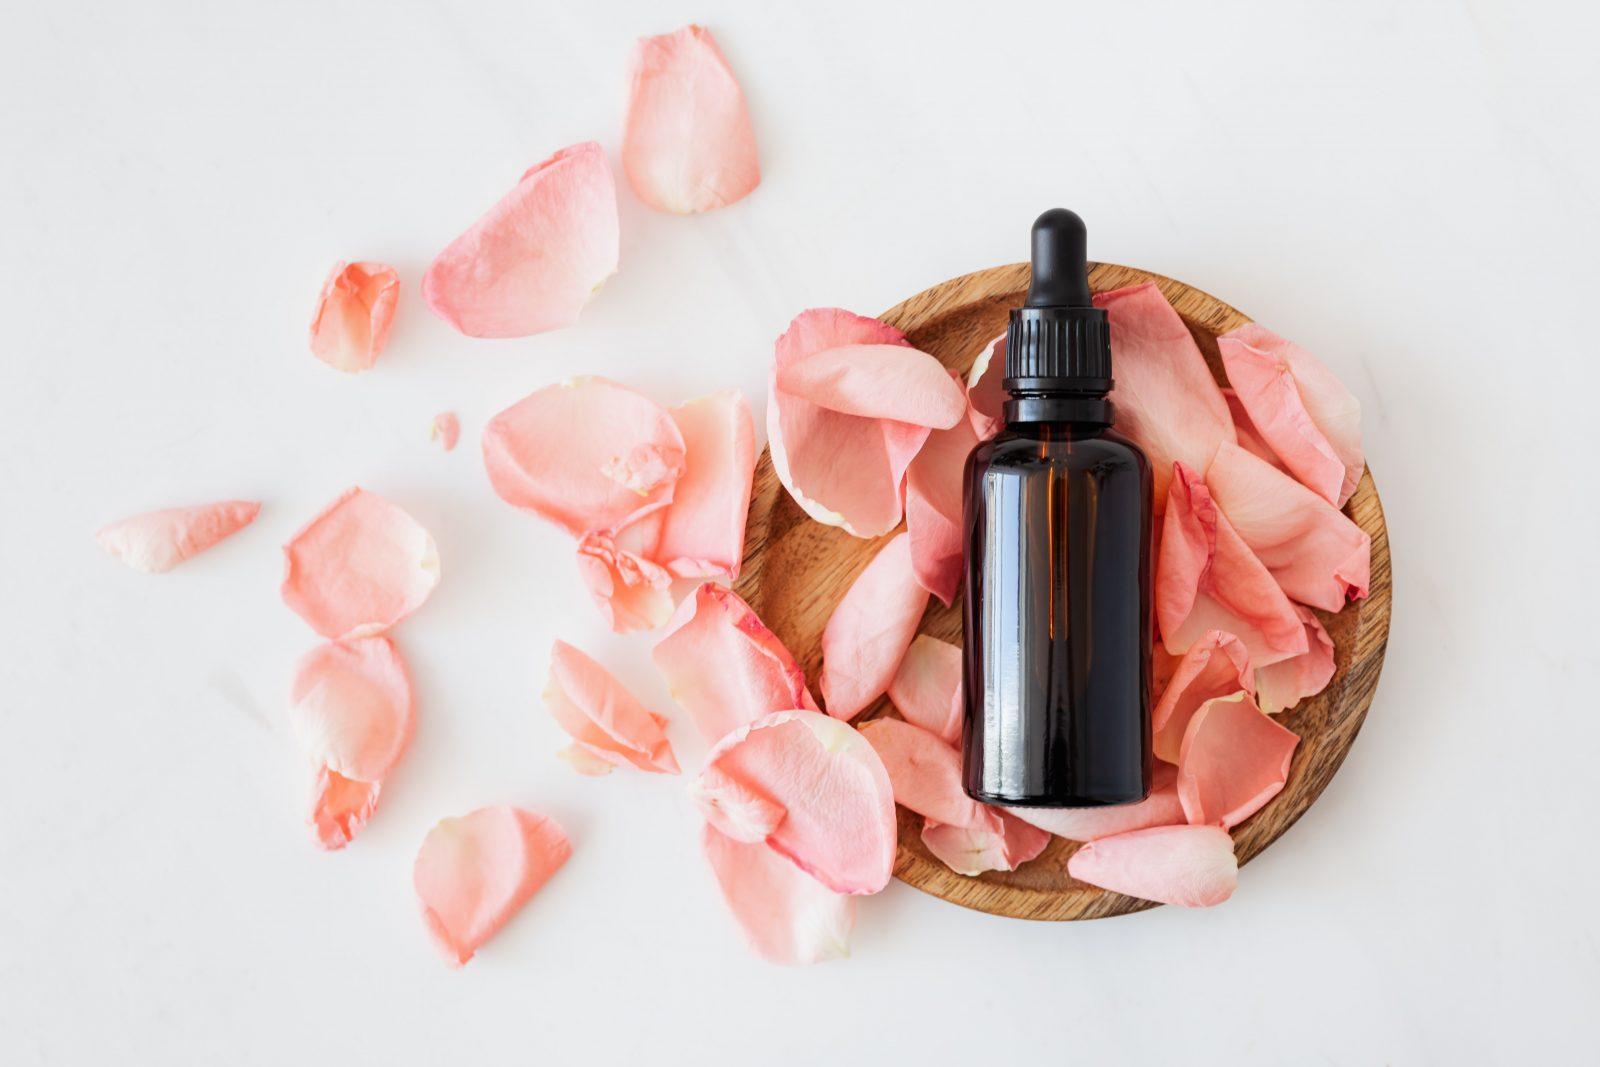 Renforcer son immunité avec les huiles essentielles !